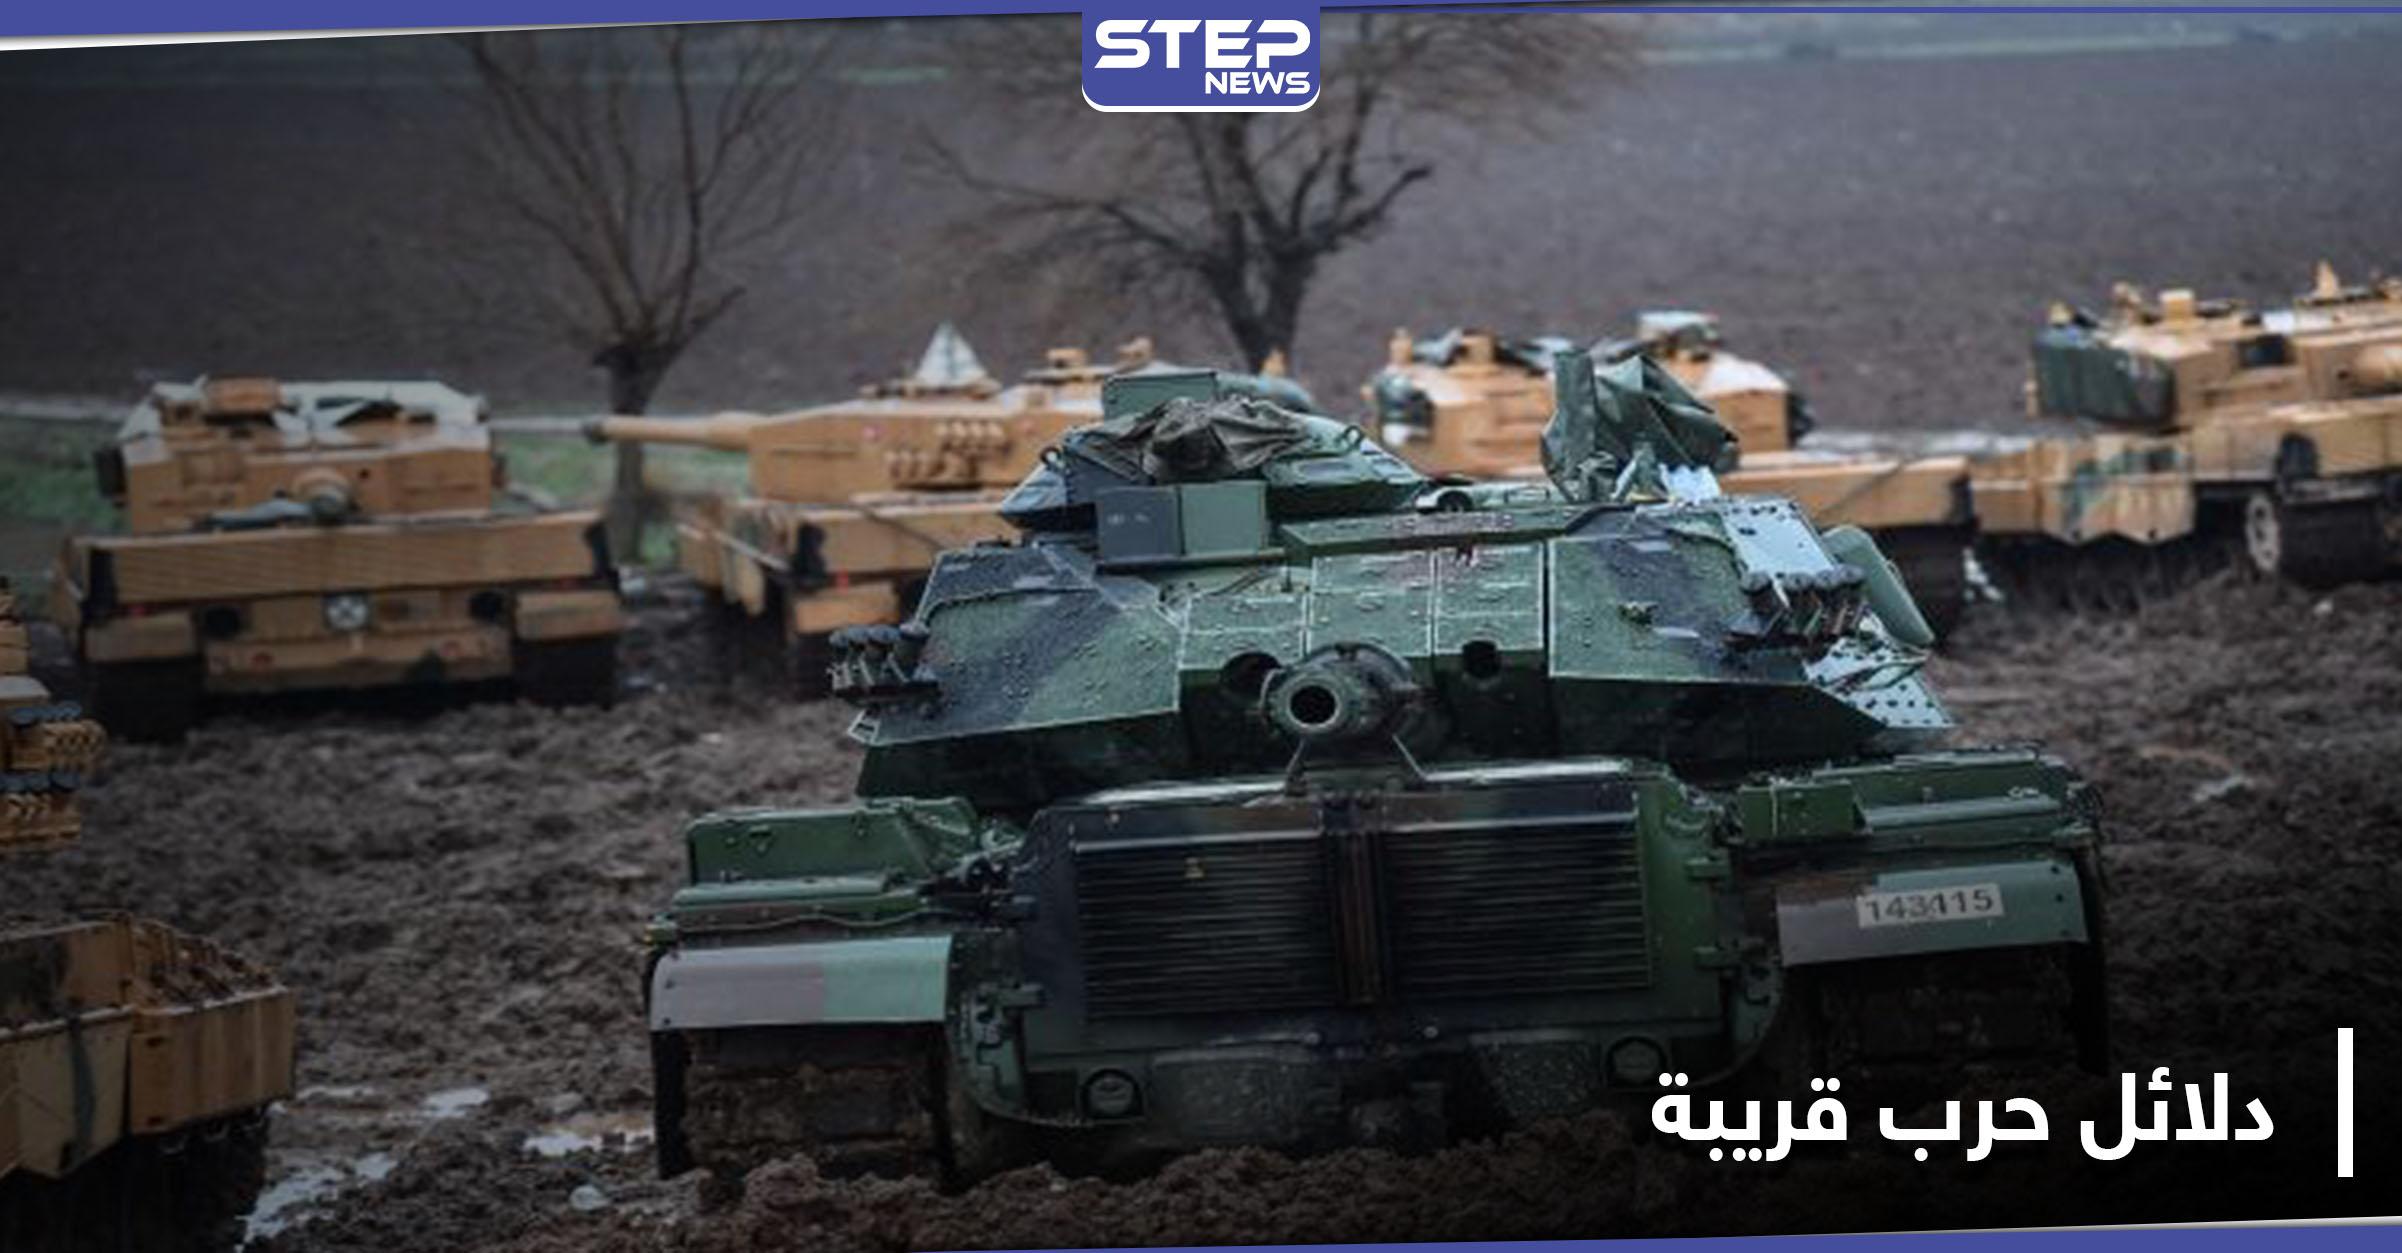 مصدر عسكري يكشف تحركات روسية تركية في شمال سوريا